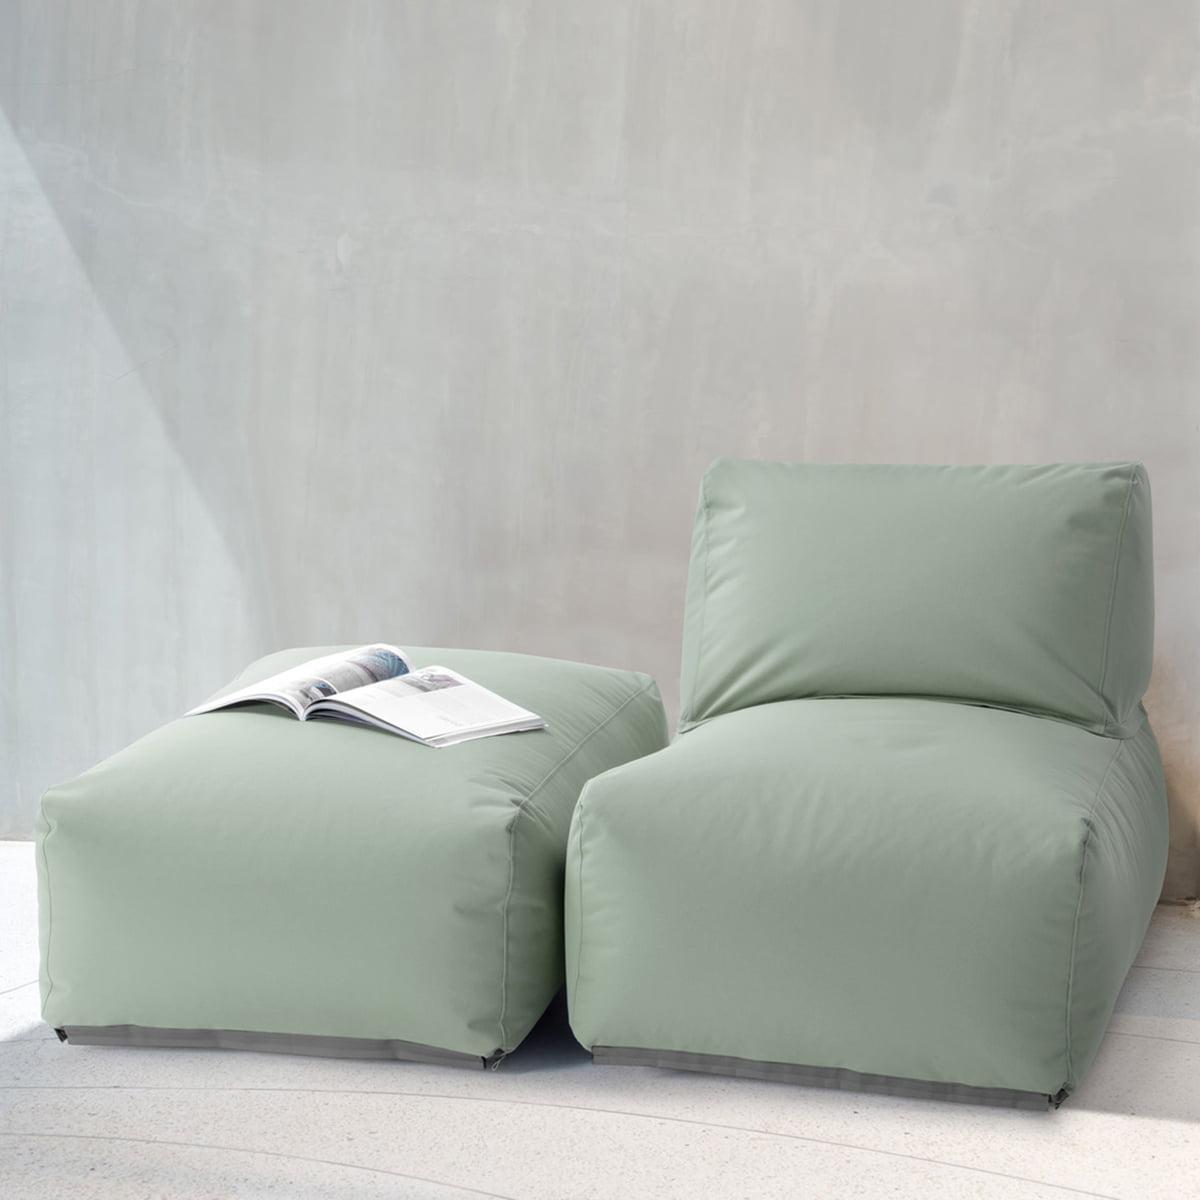 Full Size of Wohnzimmer Liegestuhl Ikea Relax Designer Sessel Lampen Wandtattoo Deckenleuchte Großes Bild Tischlampe Stehleuchte Deckenlampe Lampe Moderne Decken Led Wohnzimmer Wohnzimmer Liegestuhl